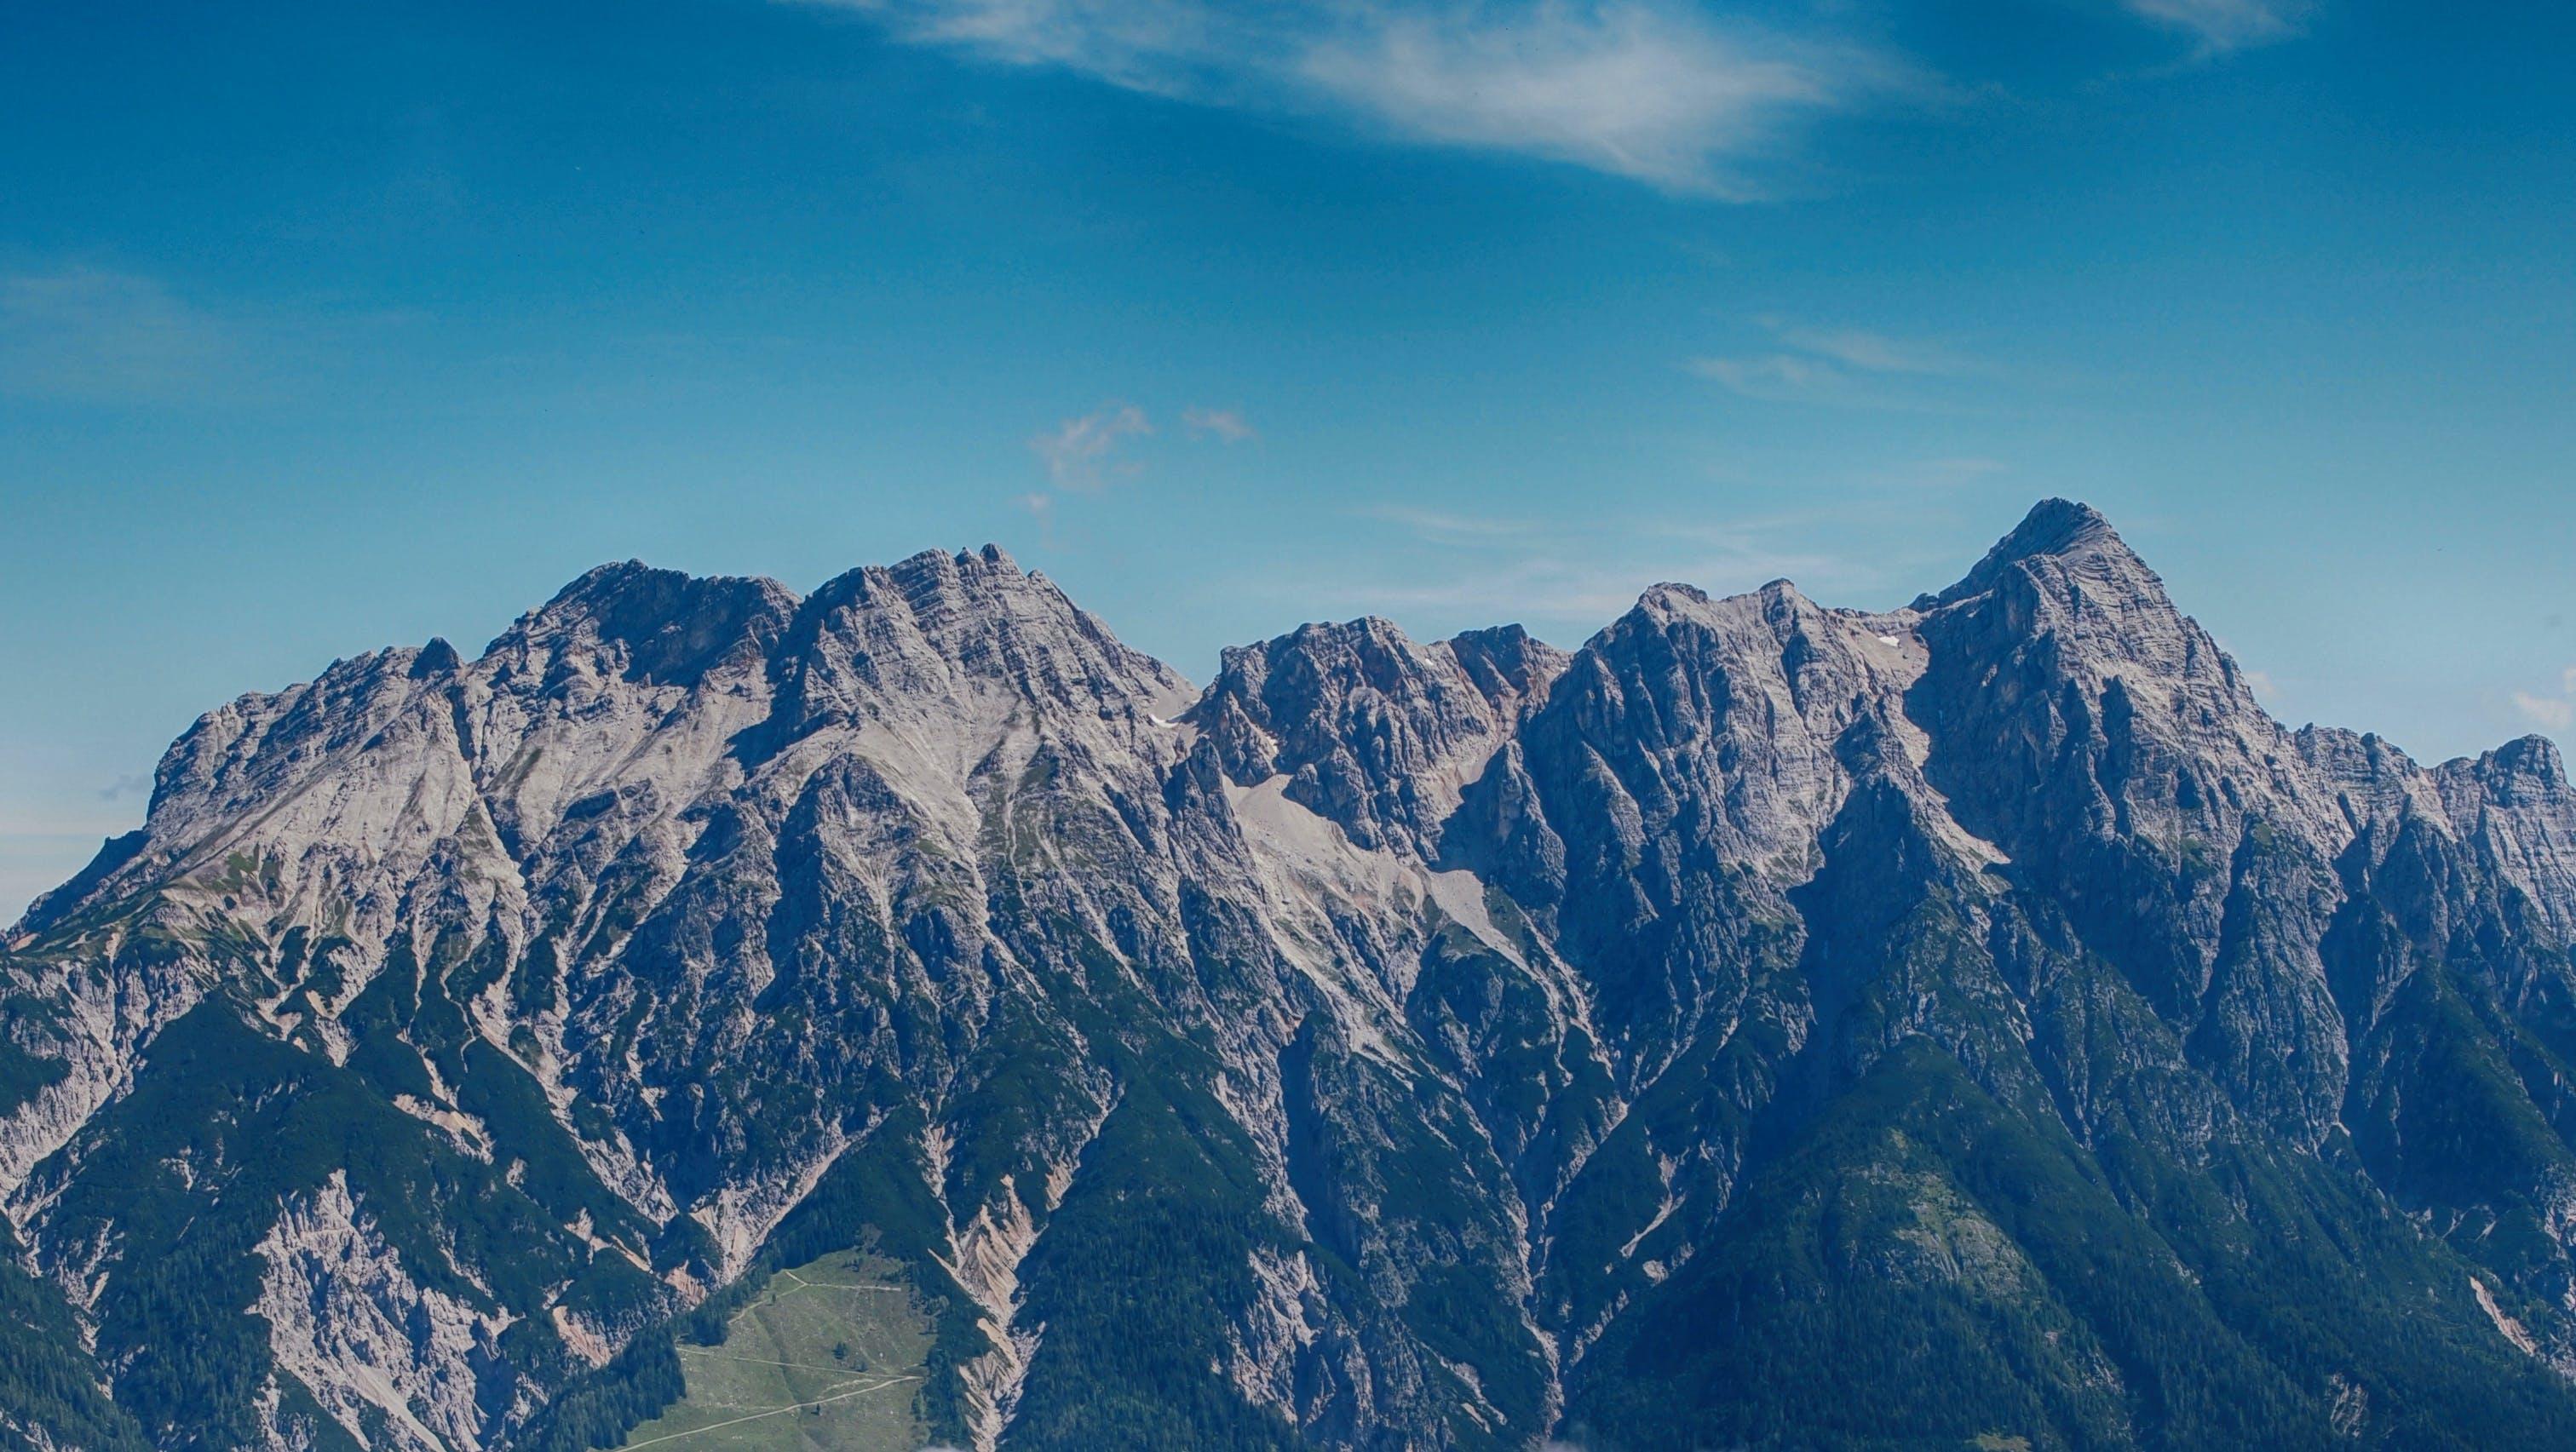 berge, blauer himmel, draußen